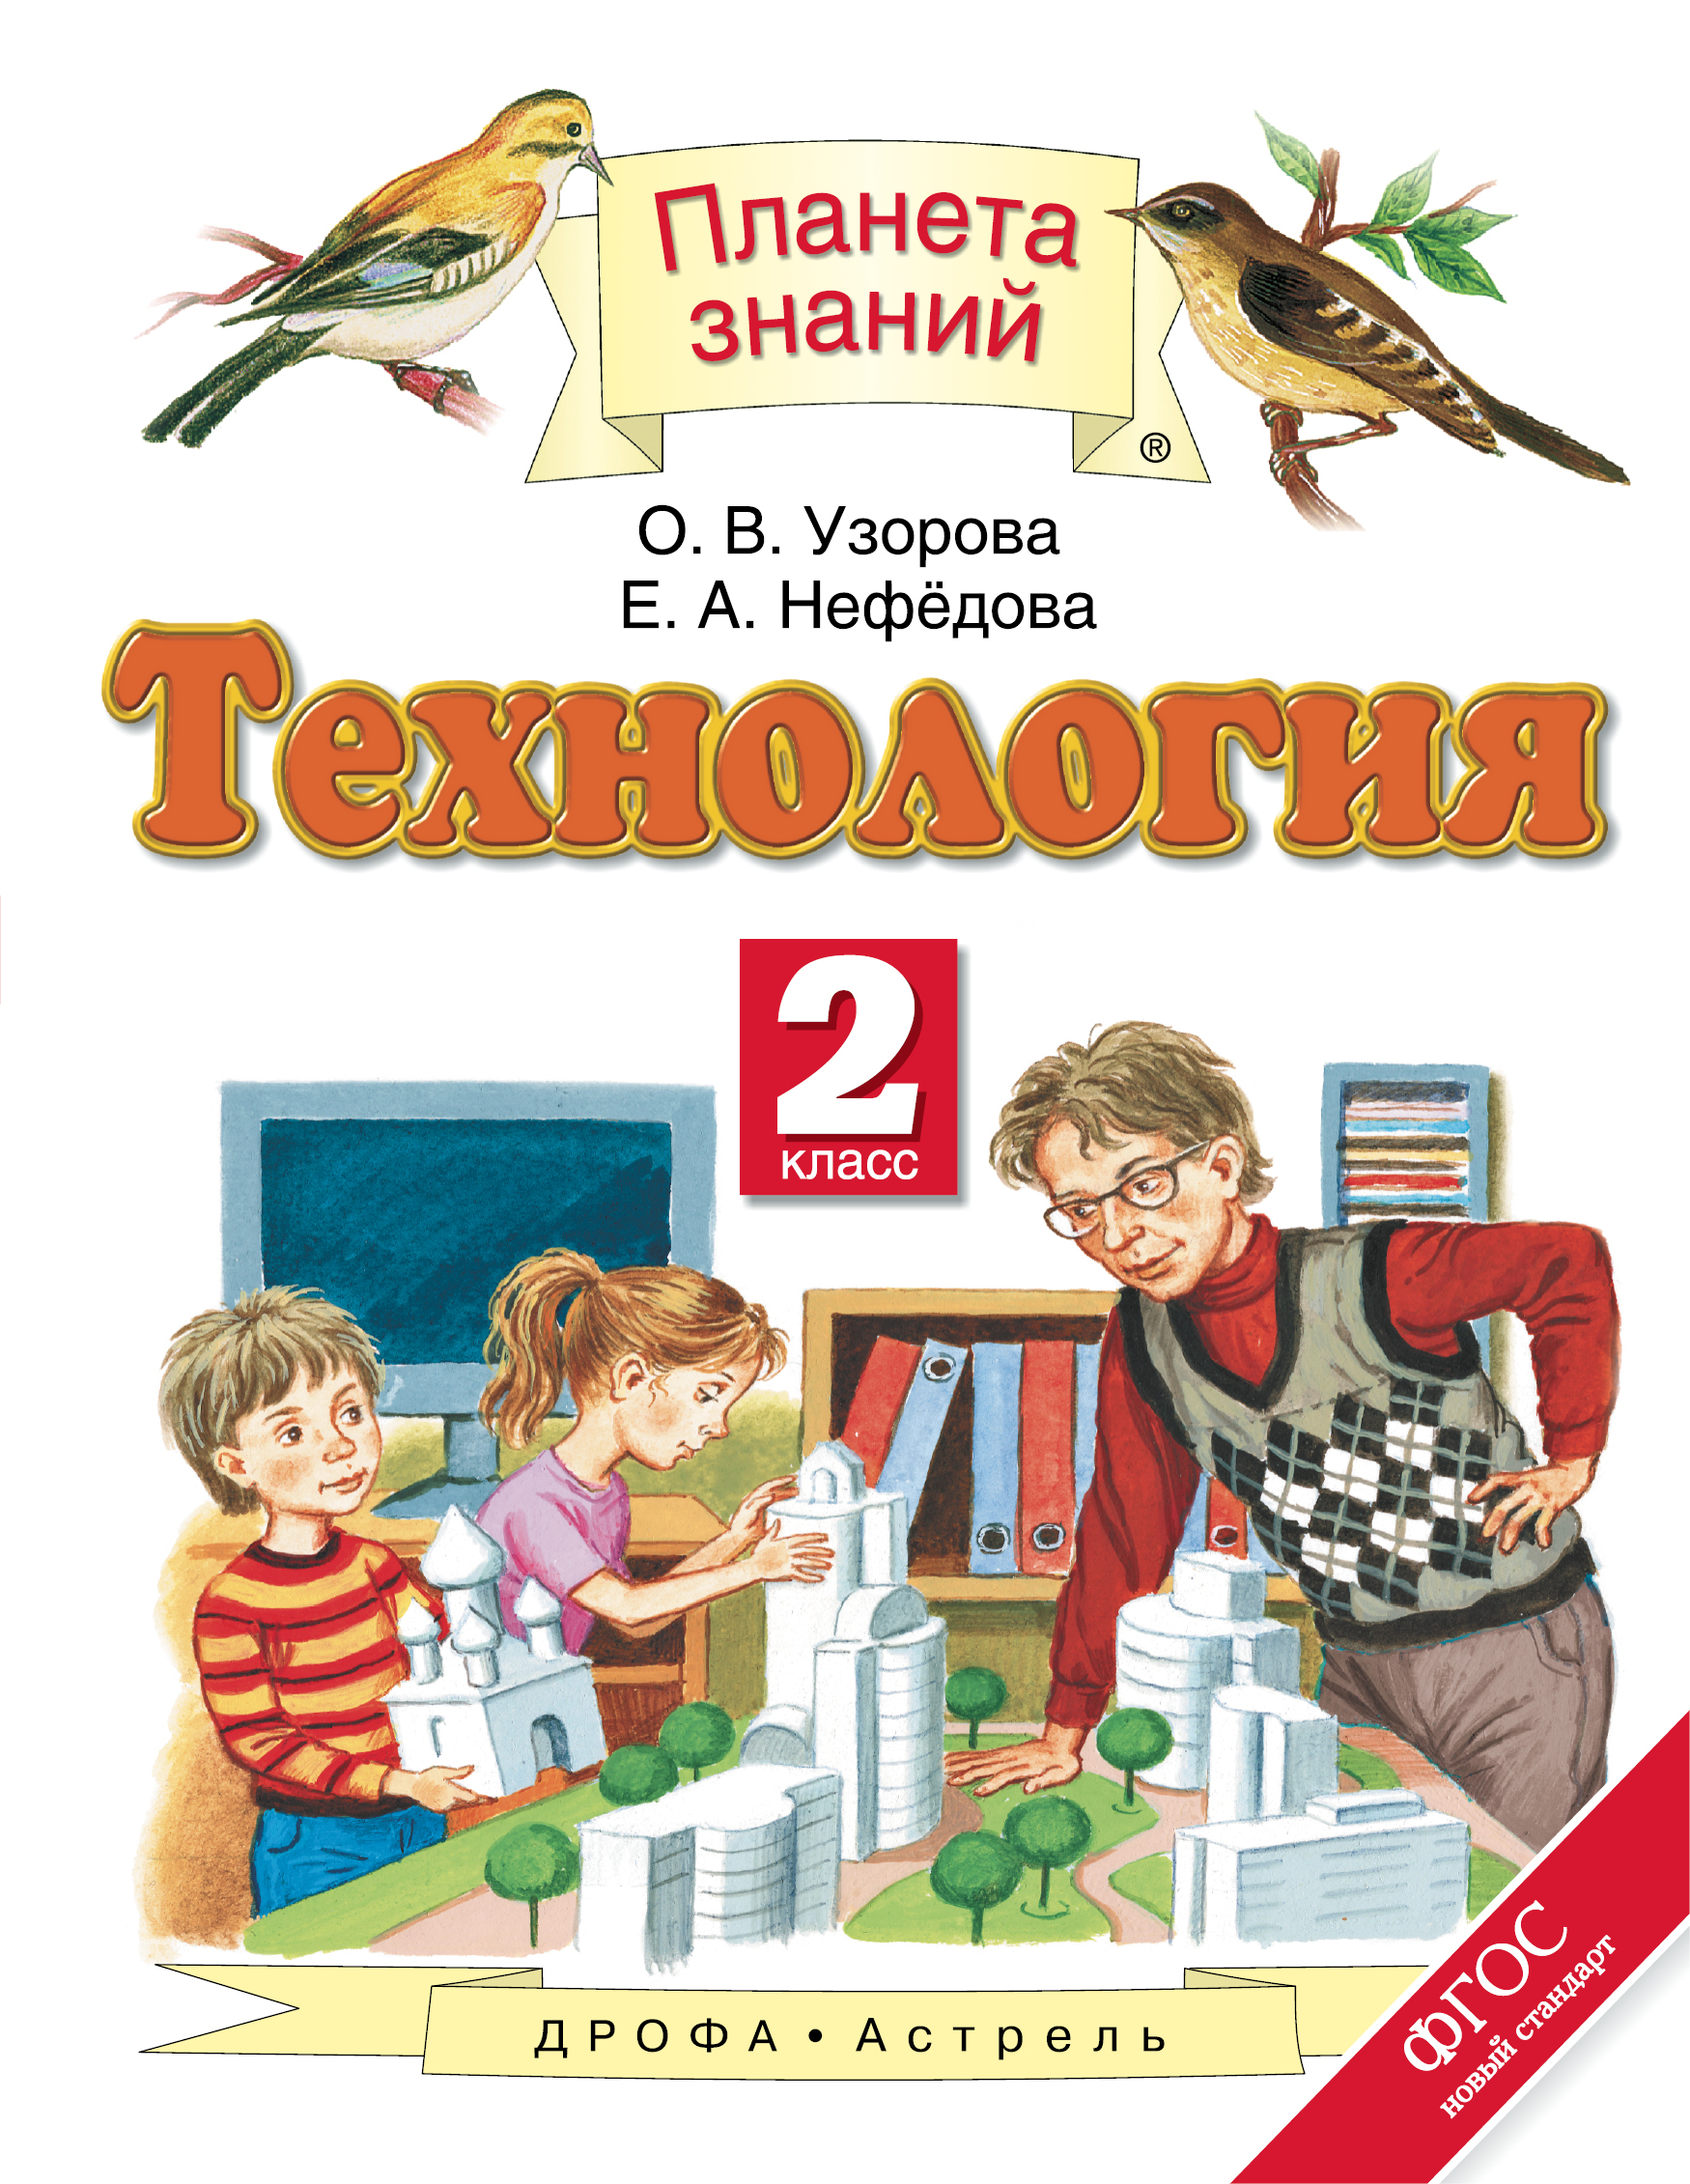 О. В. Узорова, Е. А. Нефедова Технология. 2 класс. Учебник о в узорова технология 4 класс учебник